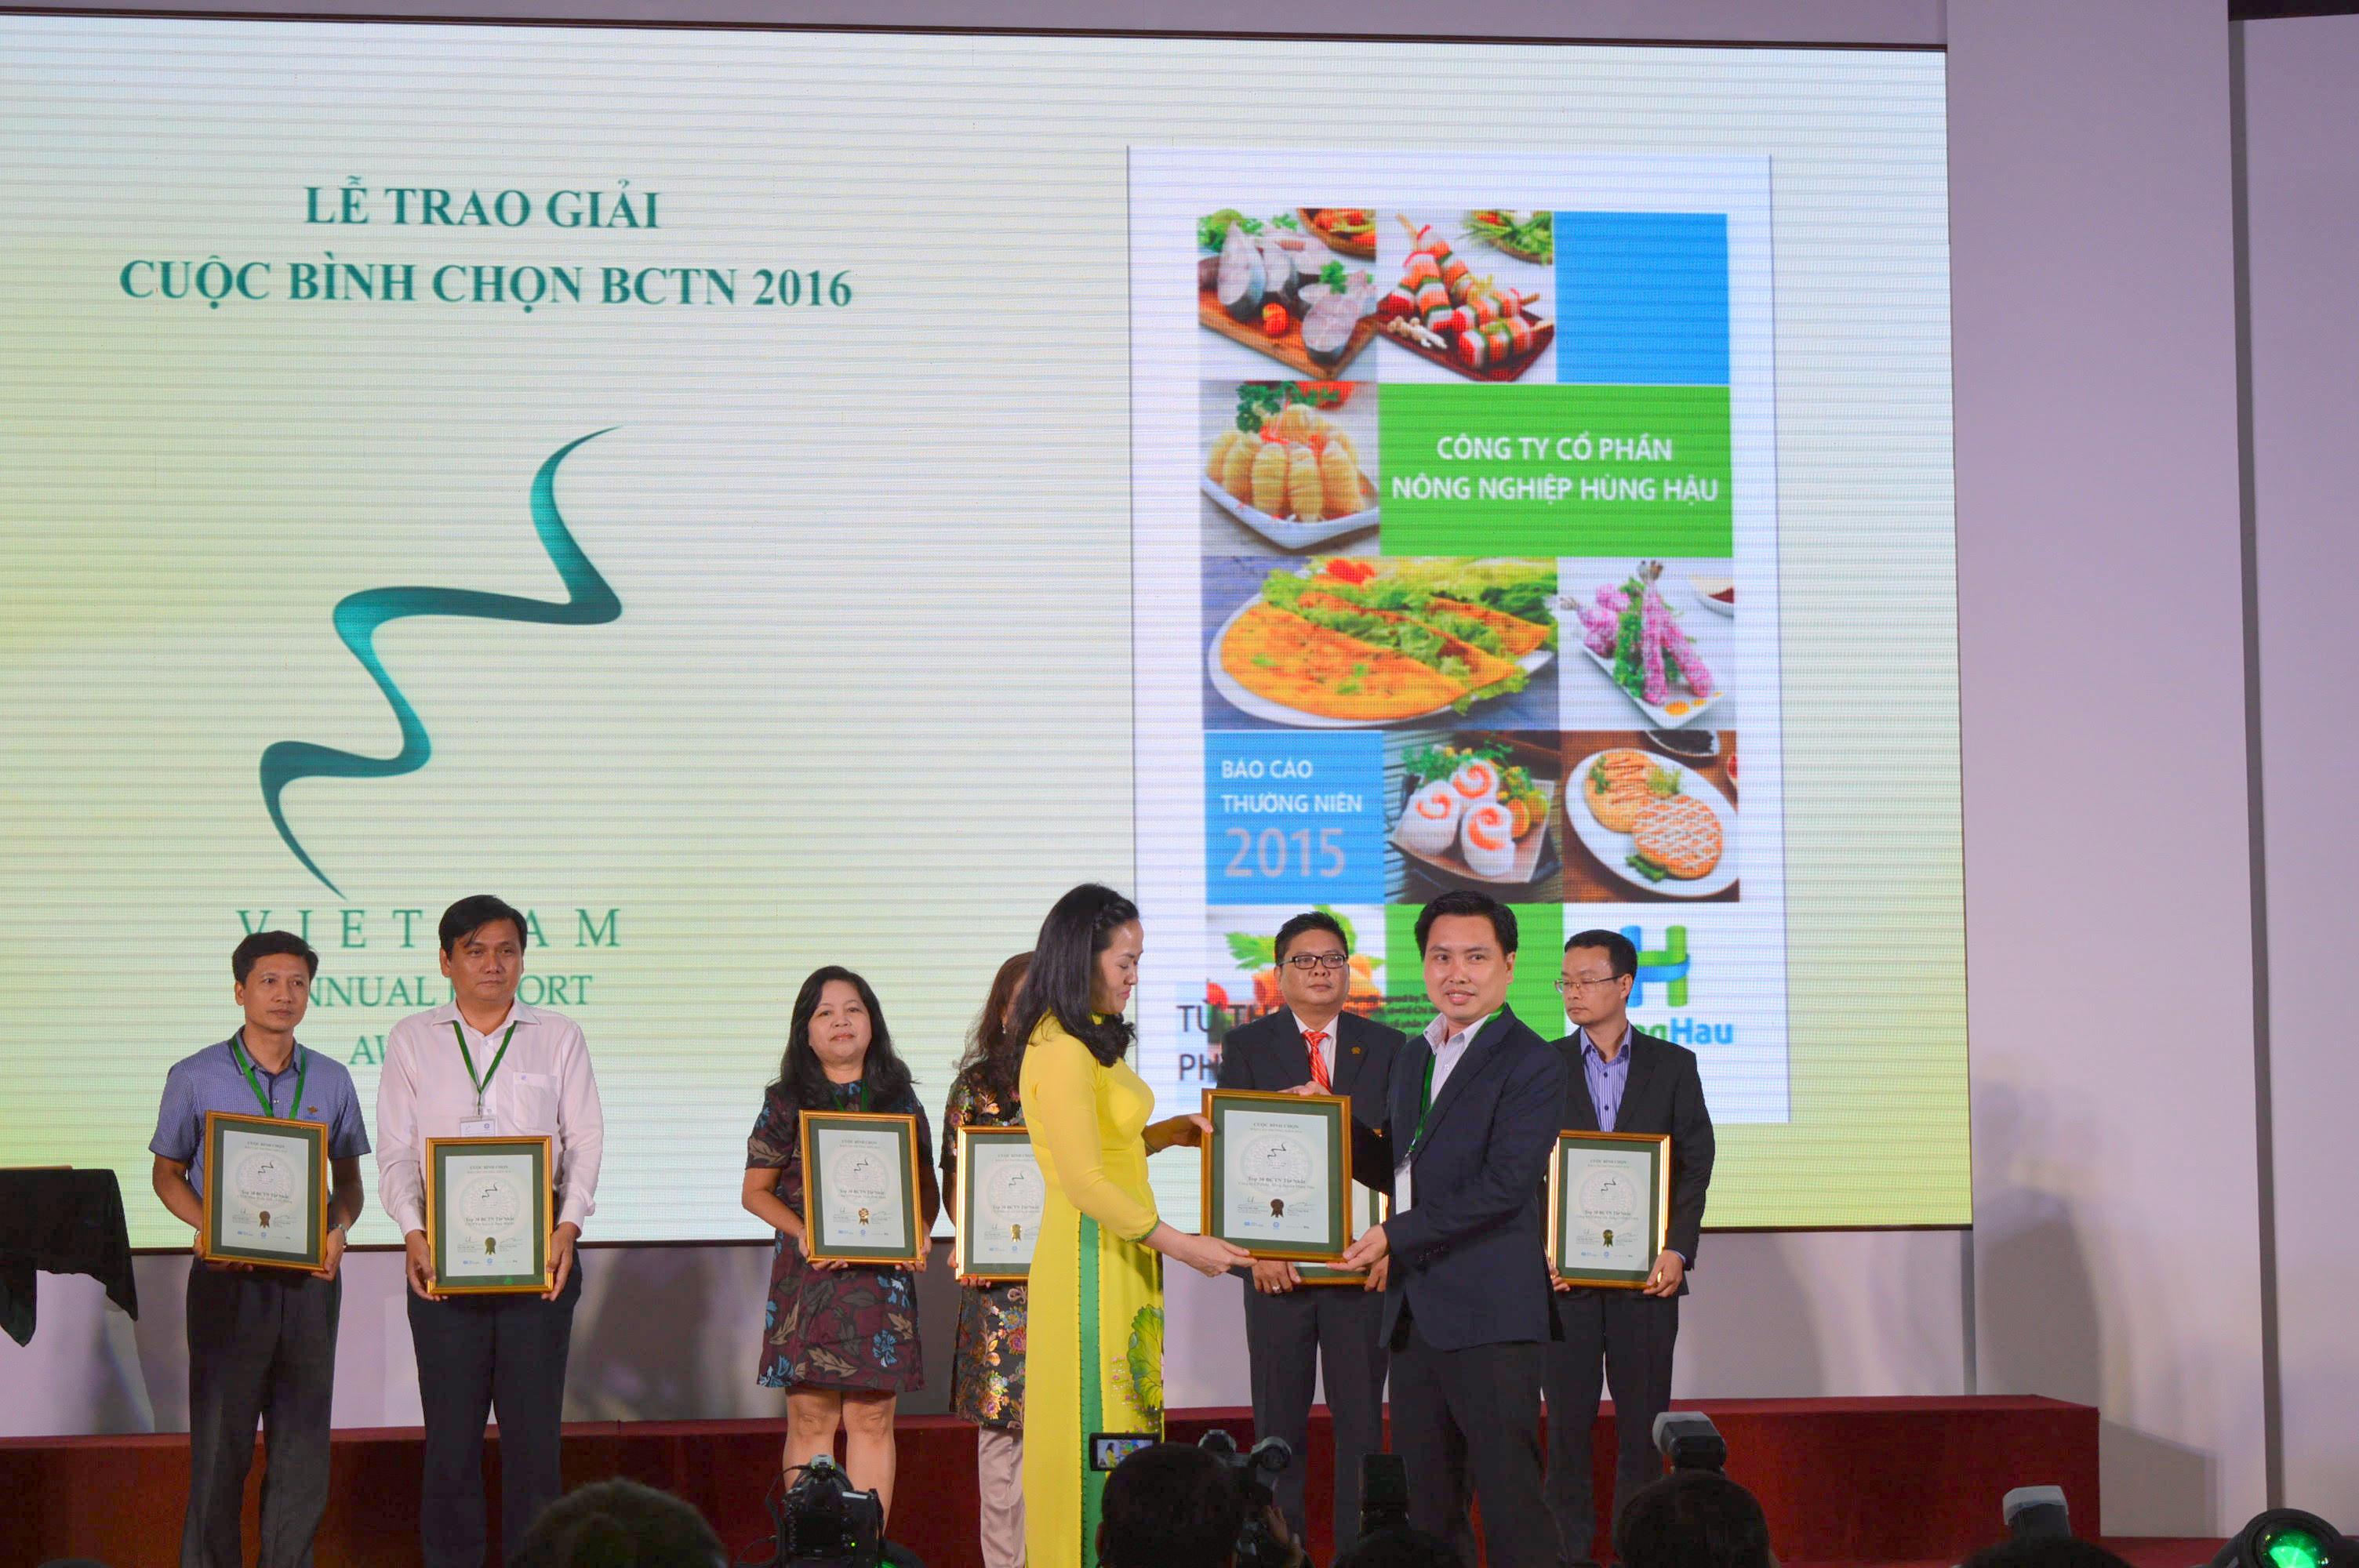 Ông Từ Thanh Phụng – Tổng Giám đốc Công ty Cổ phần Nông nghiệp Hùng Hậu nhận giải thưởng TOP 30 Doanh nghiệp có Báo cáo thường niên tốt nhất 2016